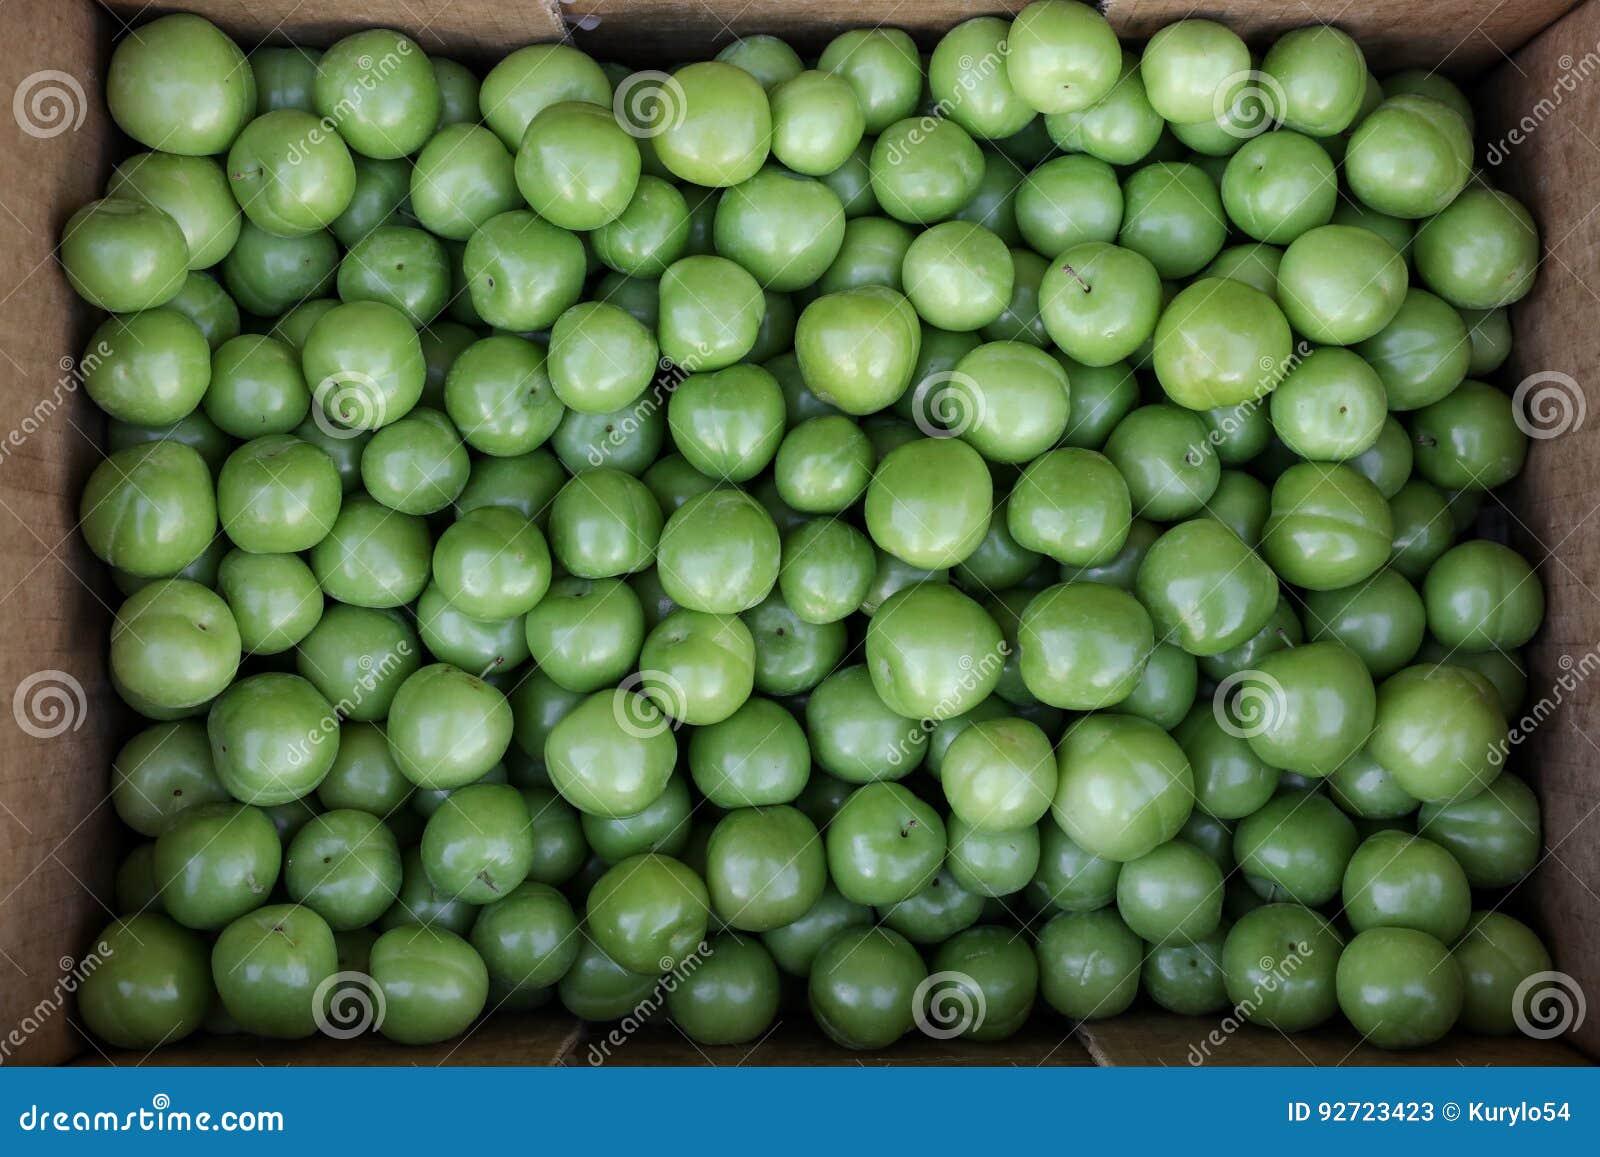 En ask av frukter för renkloplommoner som är till salu i en grönsak, shoppar